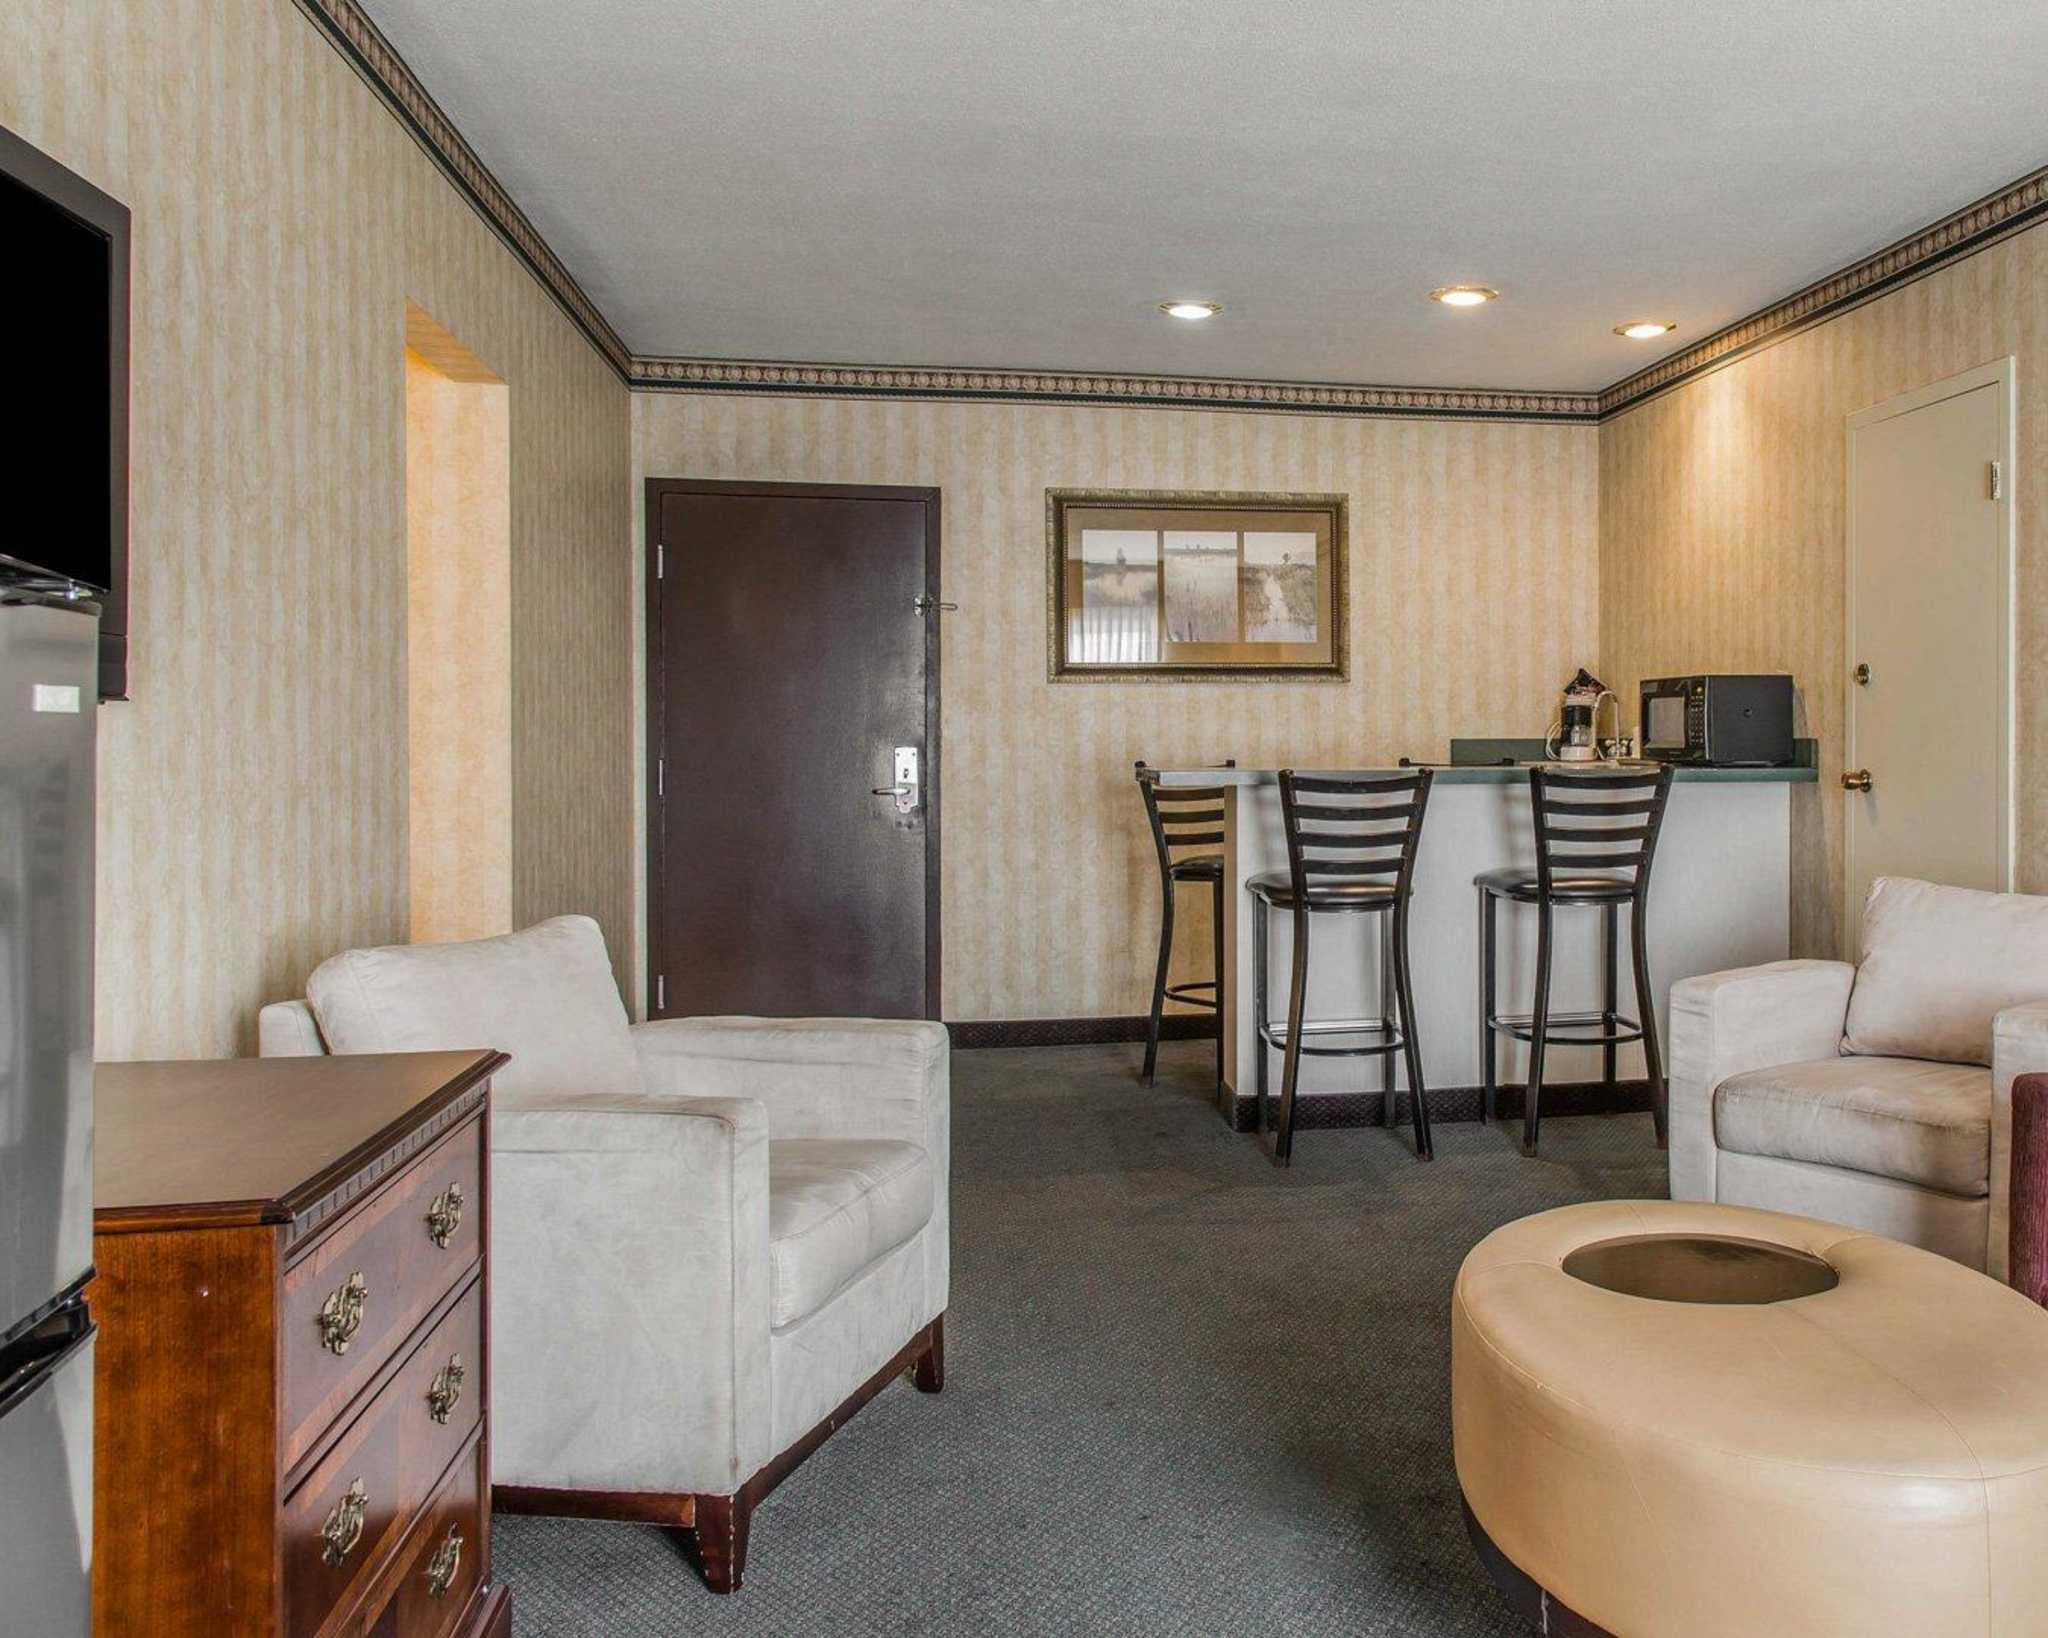 Rodeway Inn & Suites Bradley Airport image 11